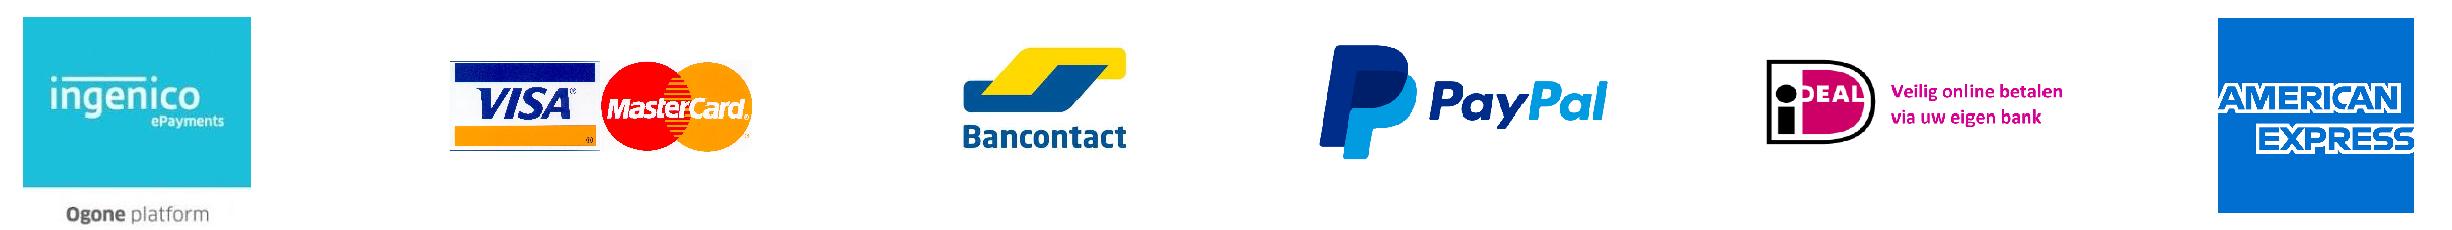 betaalwijzen_1.png